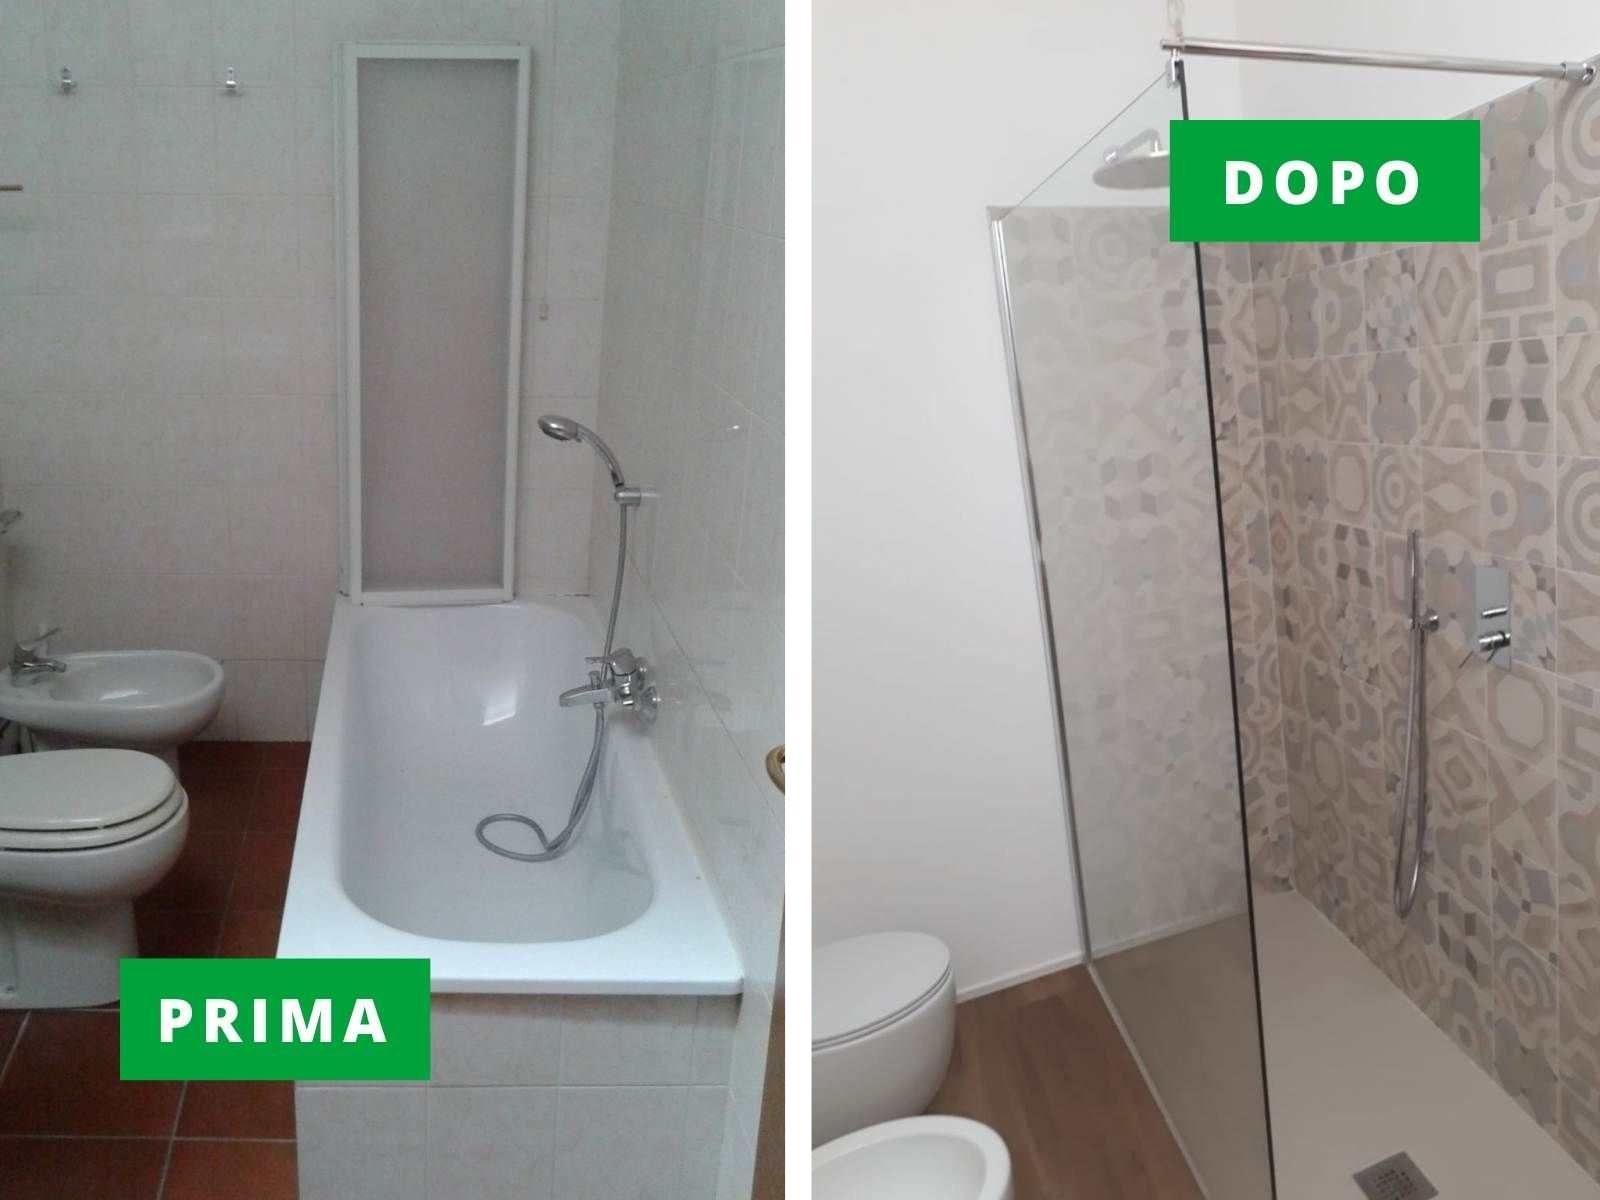 Ristrutturazione completa del bagno chiavi in mano e posa pavimento in lvt a Thiene (Vicenza)